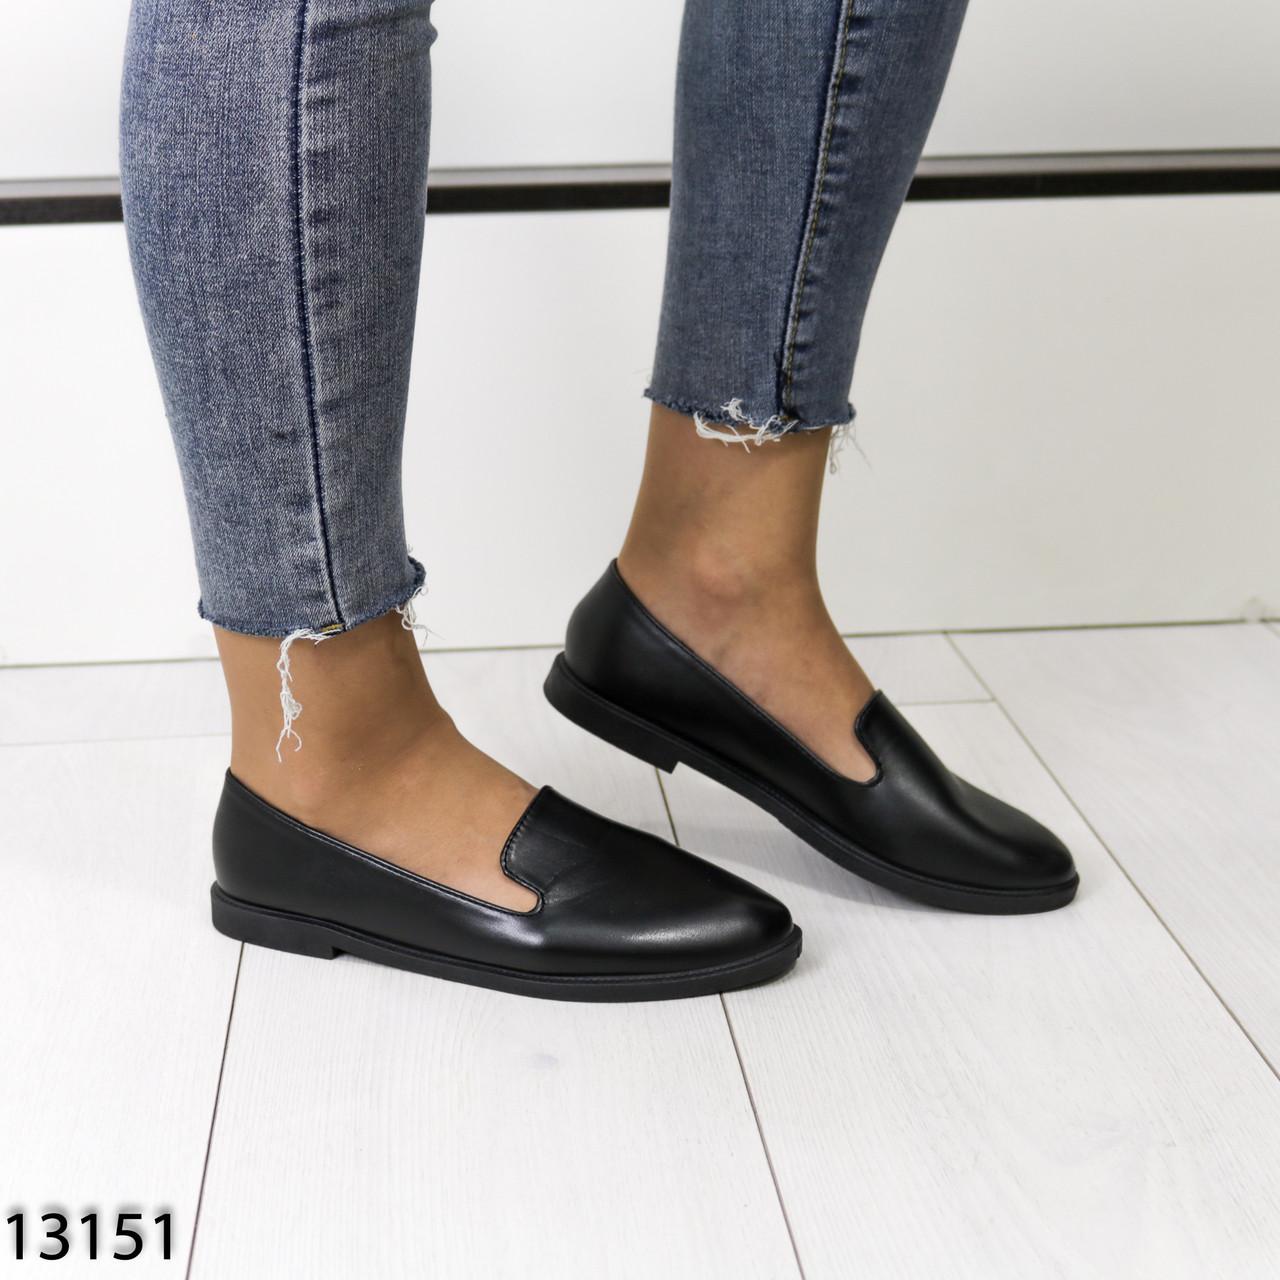 Черные женские туфли лодочки